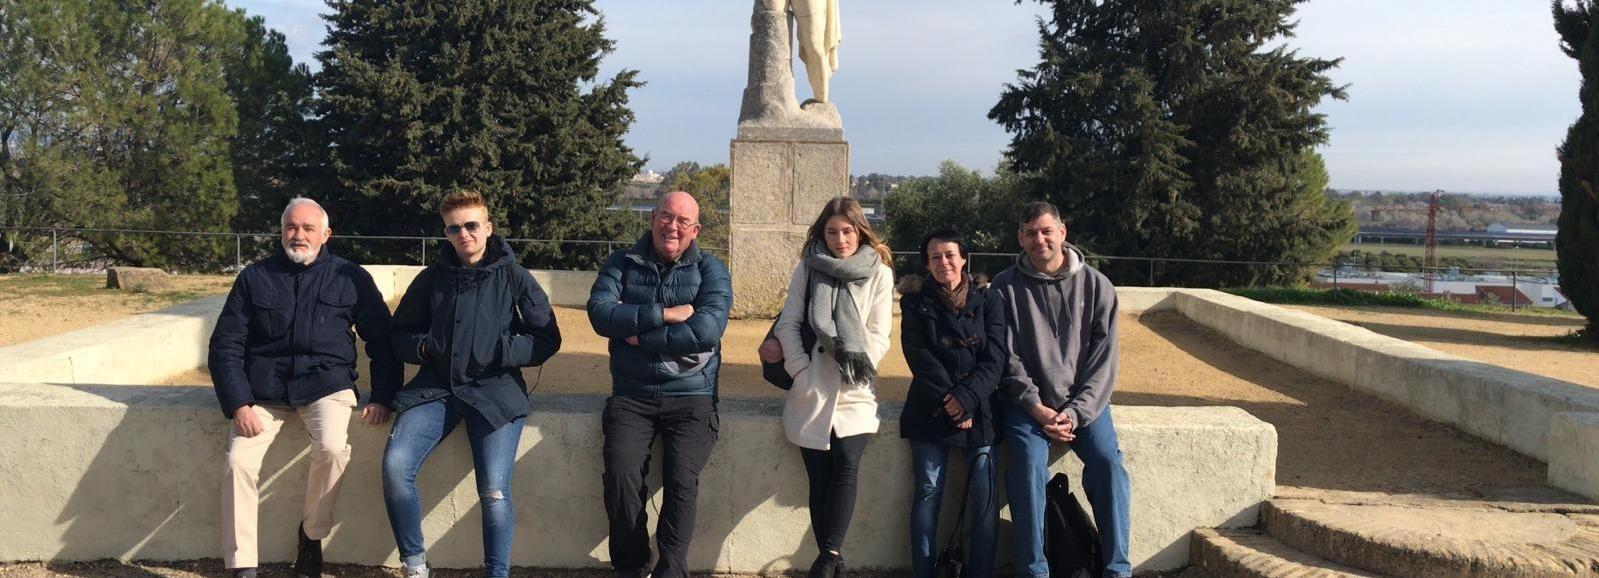 Stadtrundfahrt durch die römischen Ruinen von Sevilla